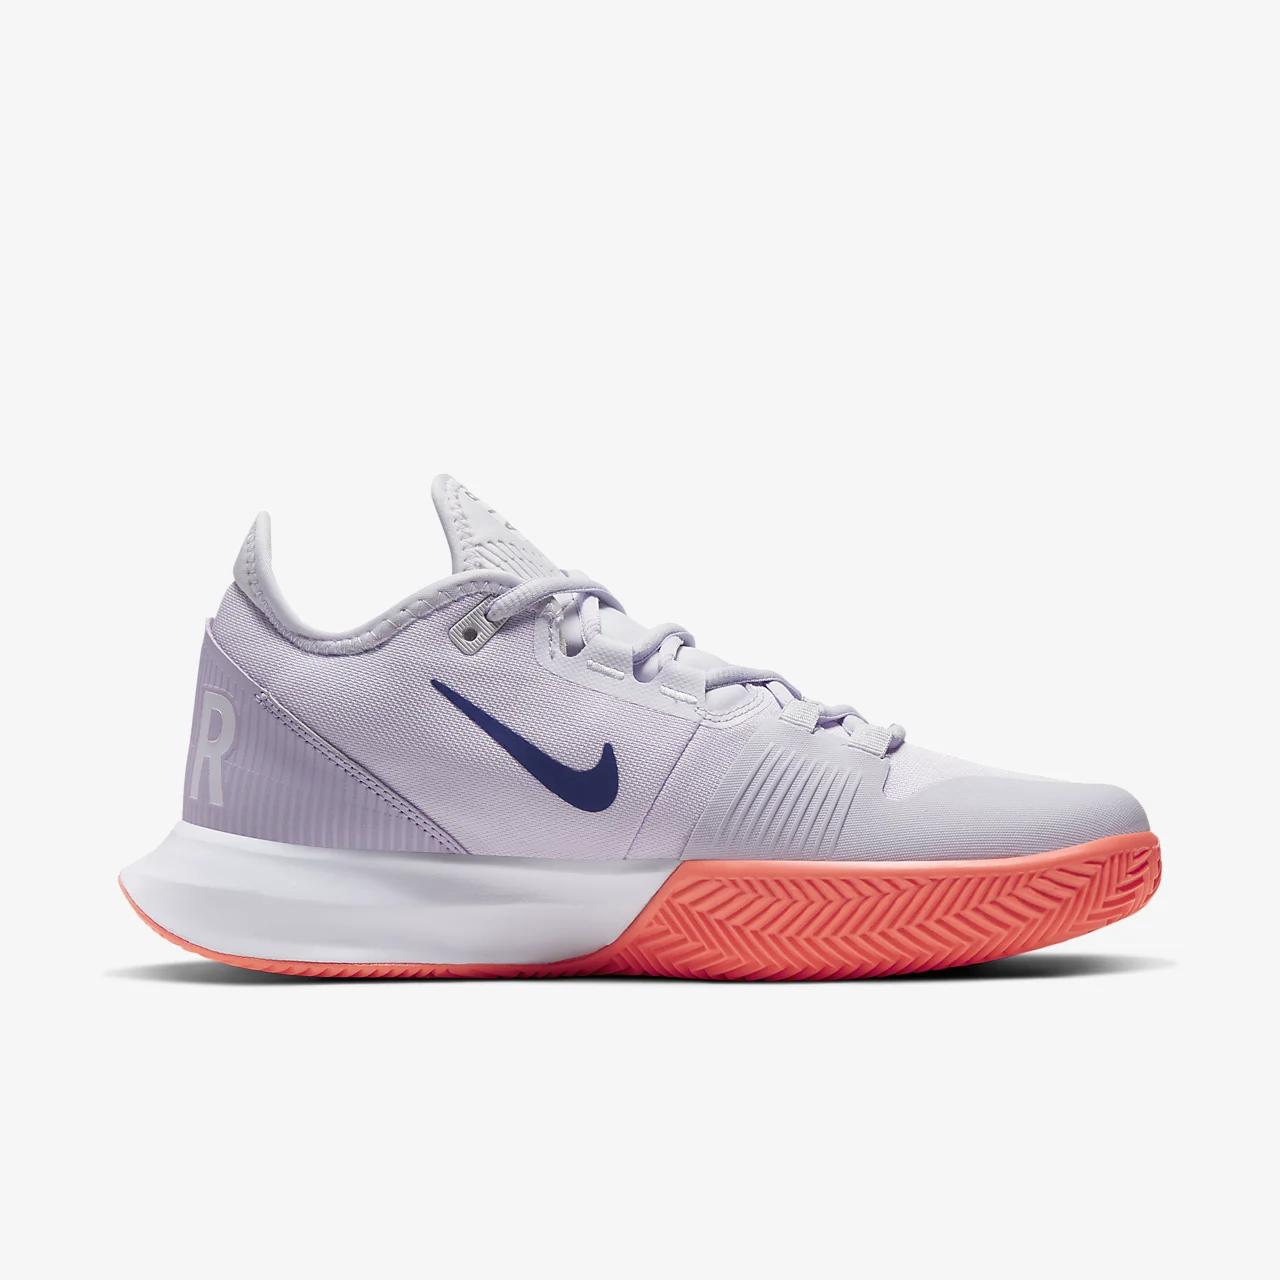 유럽직배송 나이키 NIKE NikeCourt Air Max Wildcard Women's Clay Tennis Shoe AO7352-501